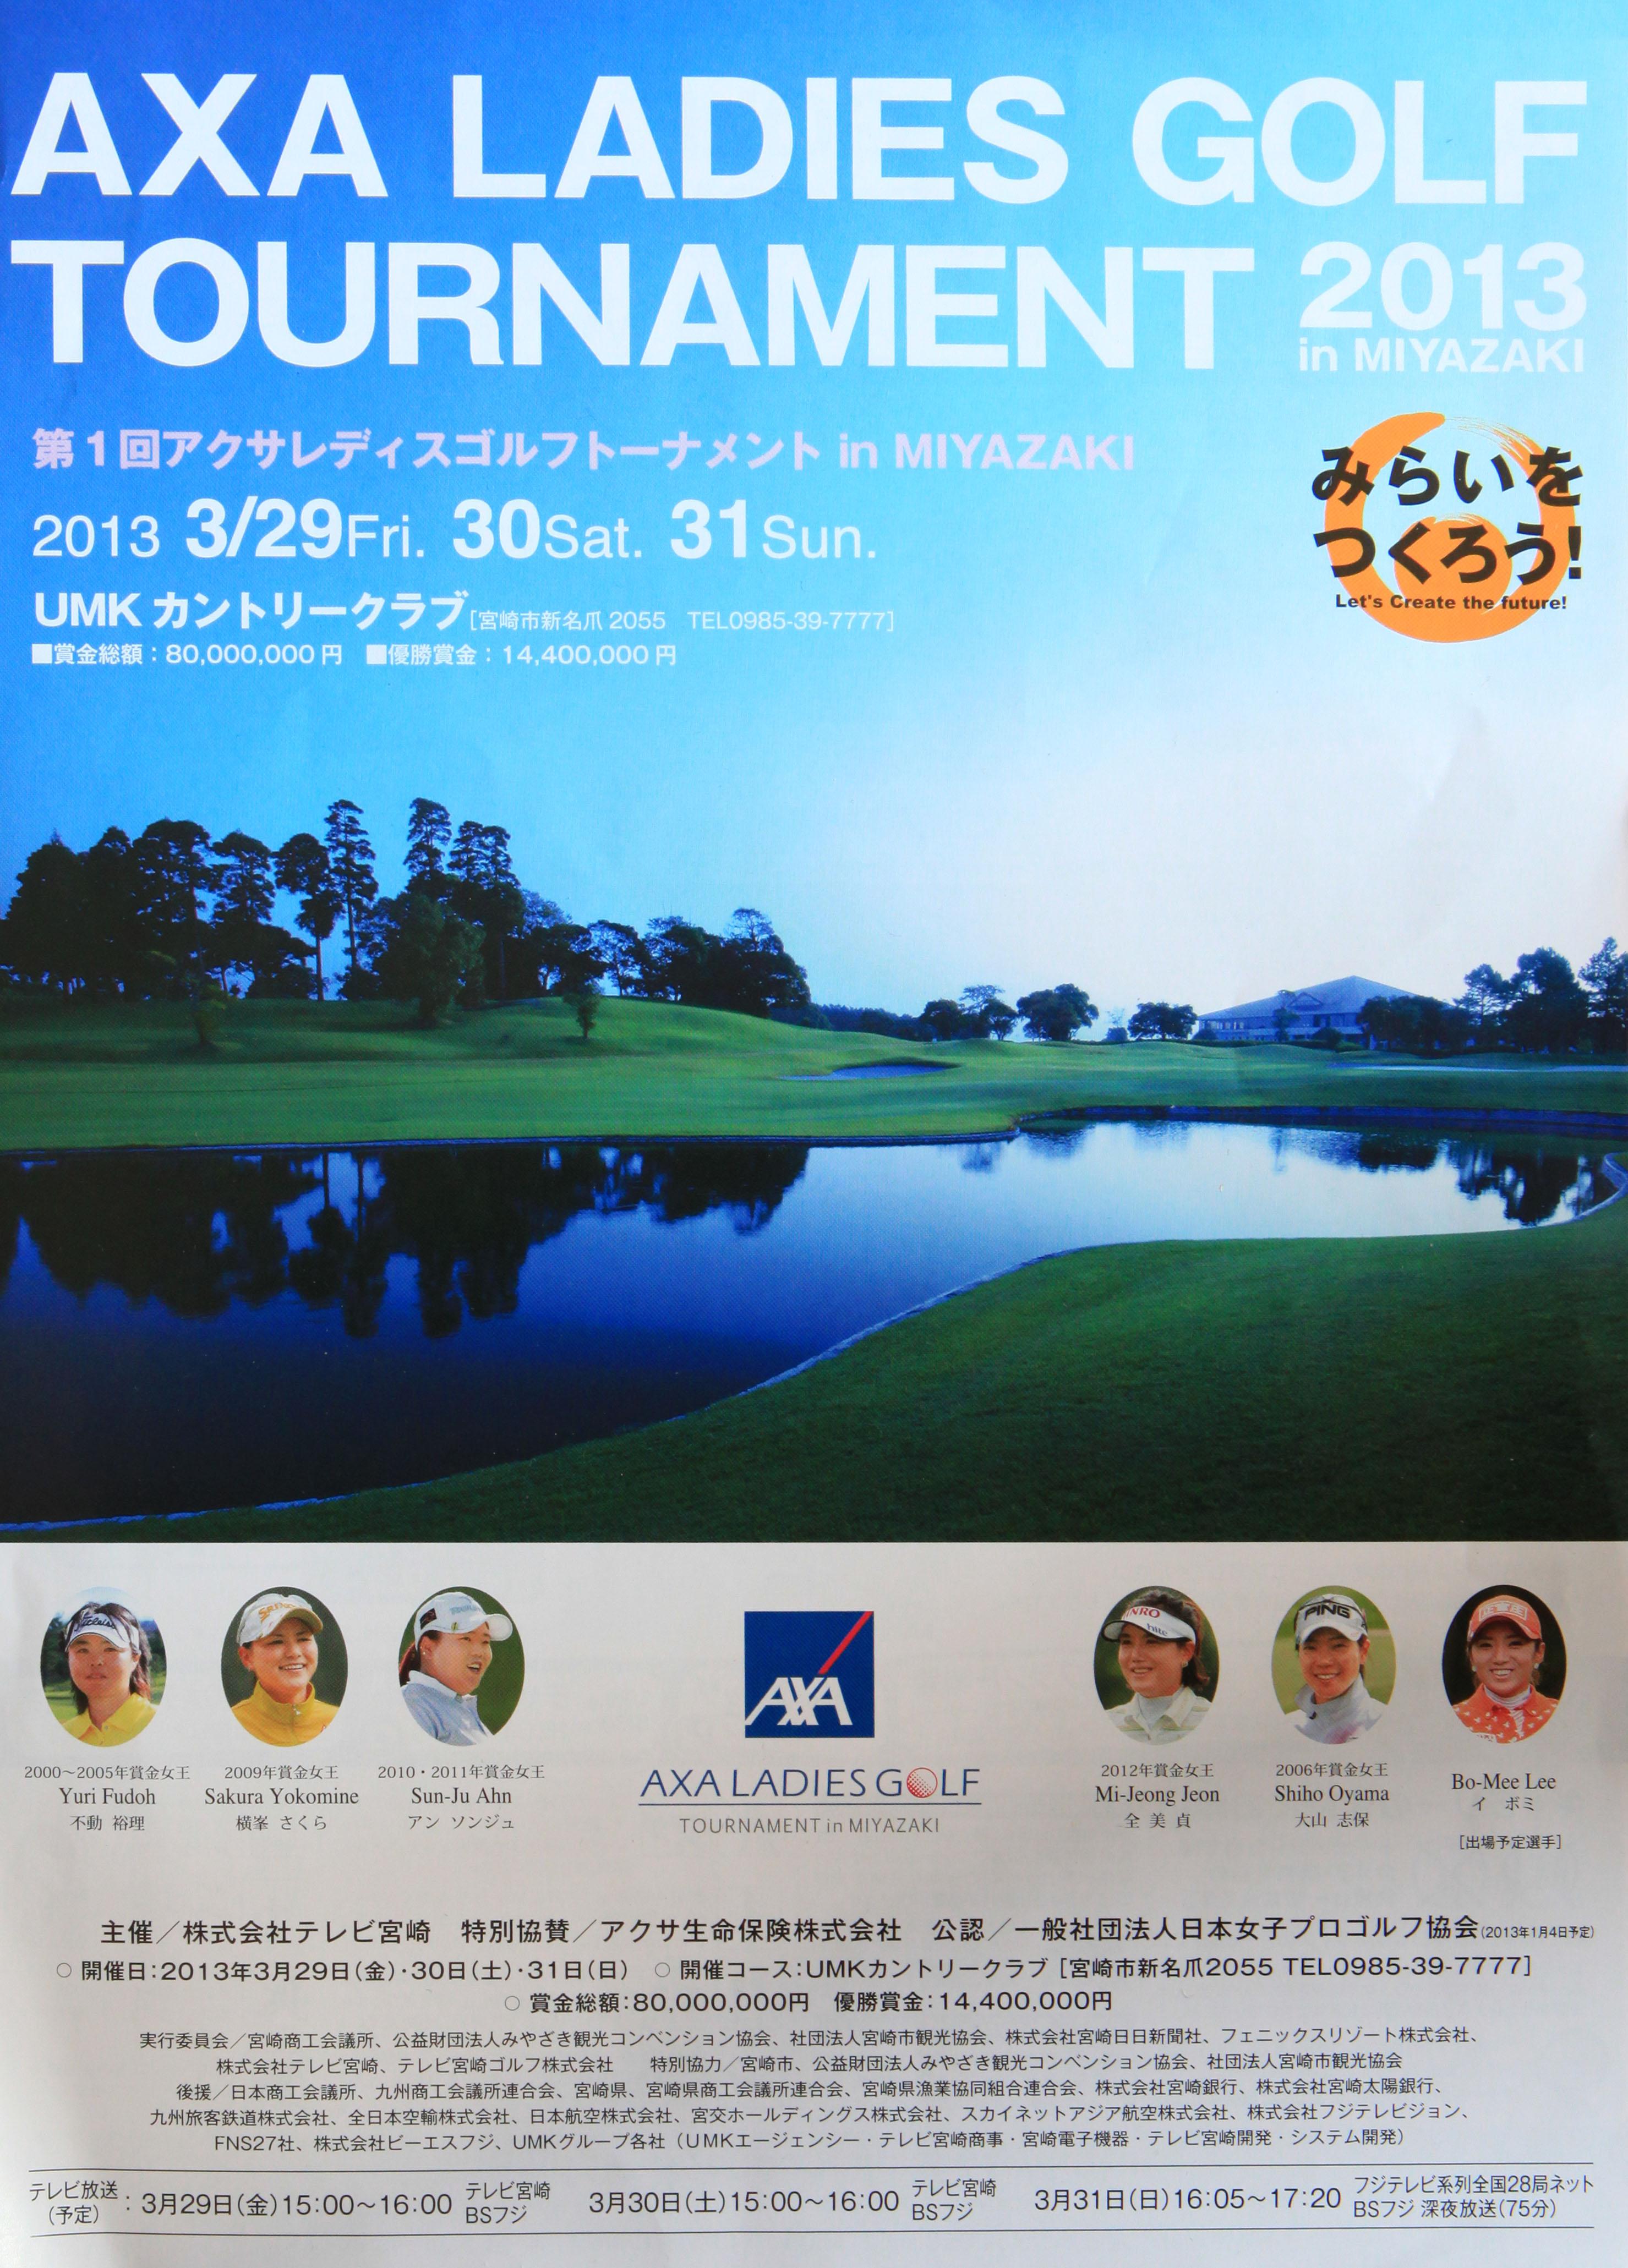 アクサレディスゴルフトーナメント in MIYAZAKI